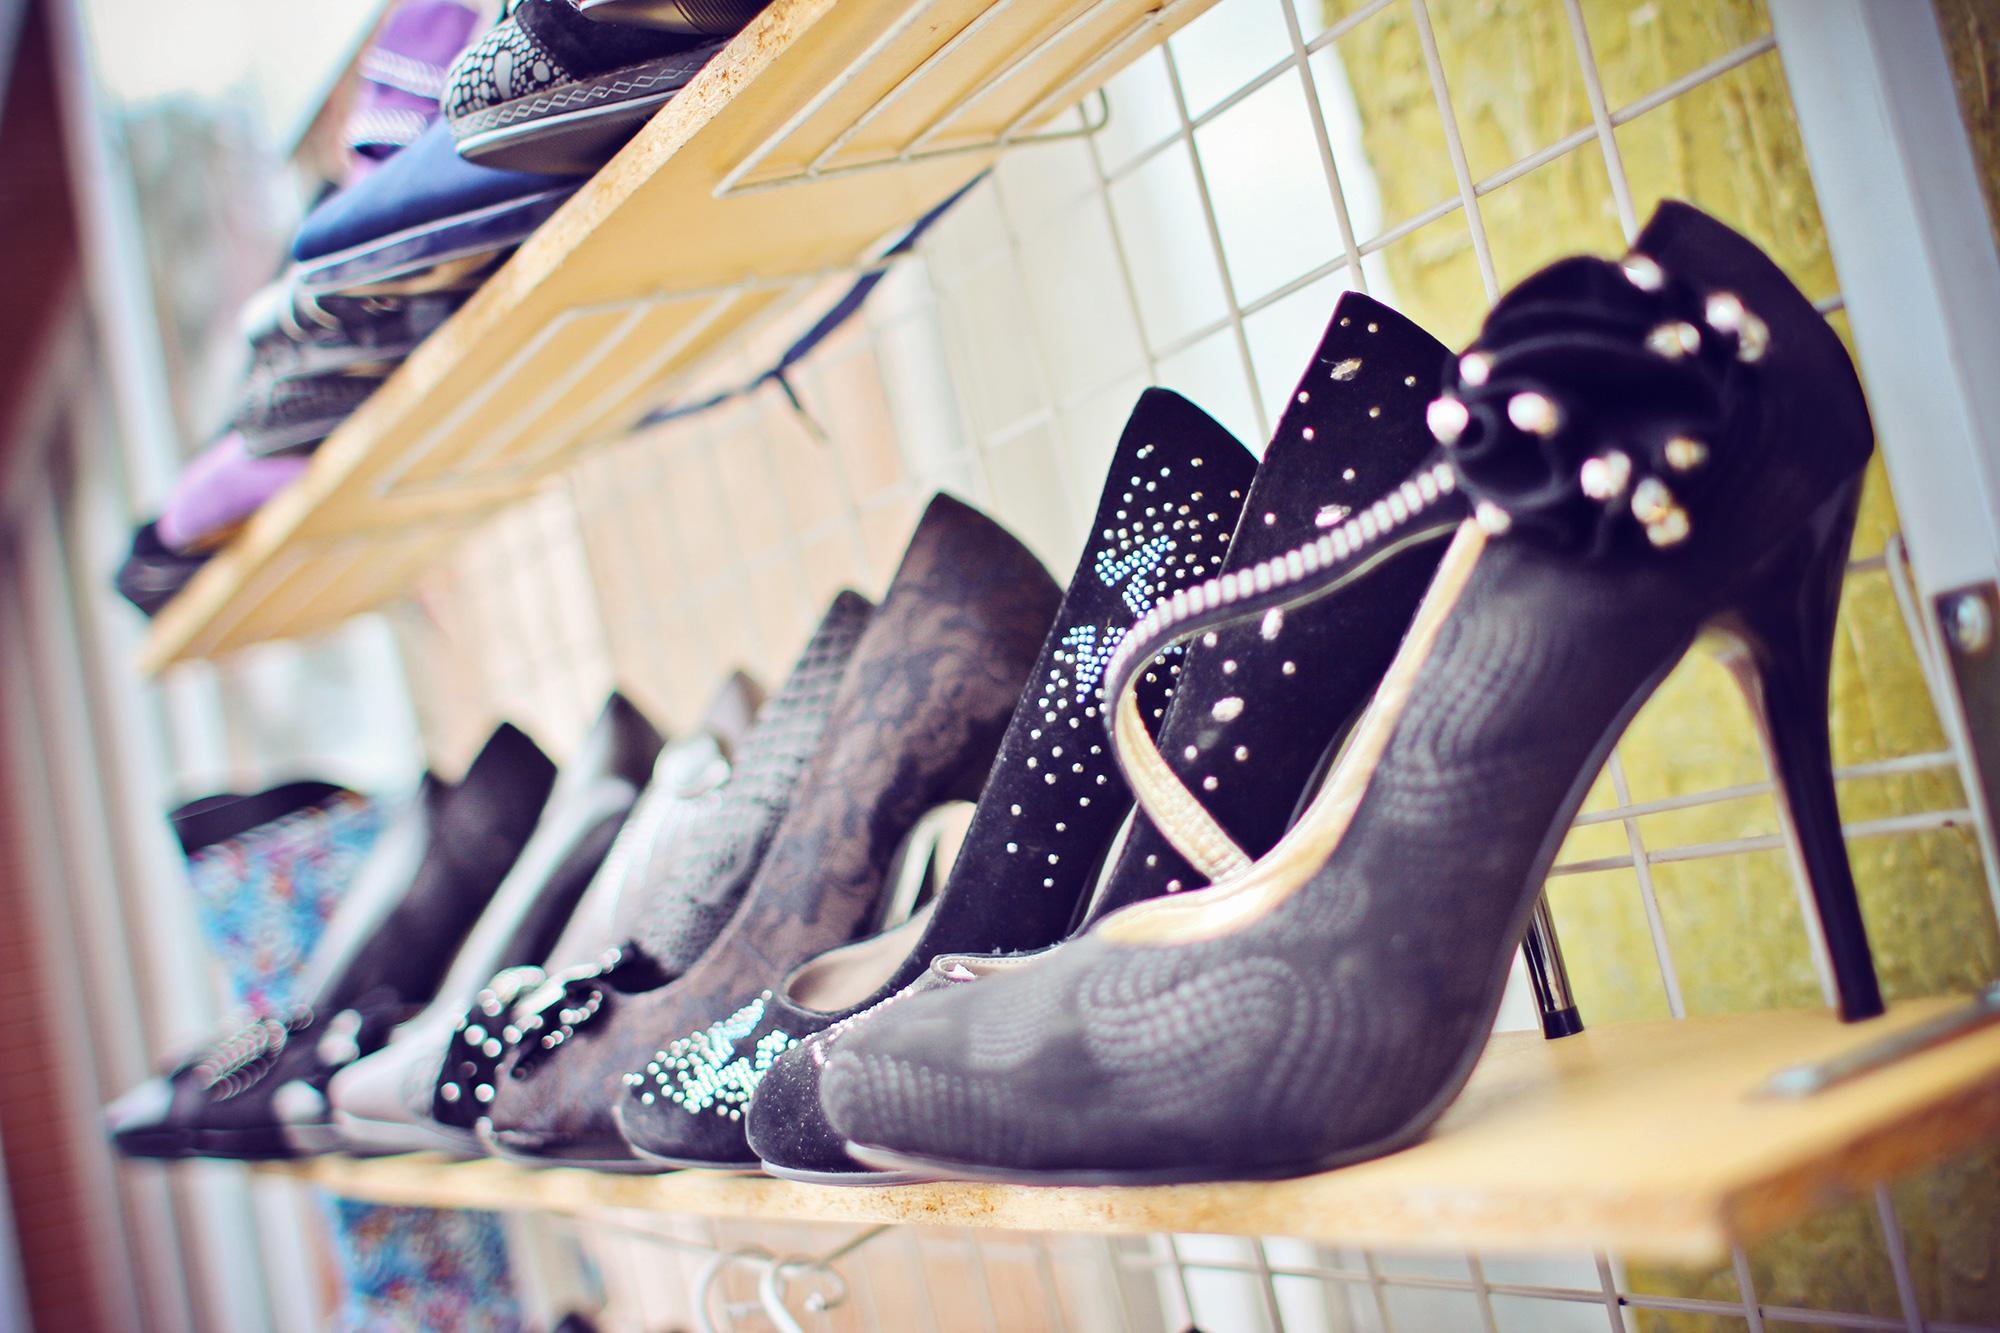 d0056687 El sector de la industria del calzado y su apuesta por la Industria 4.0